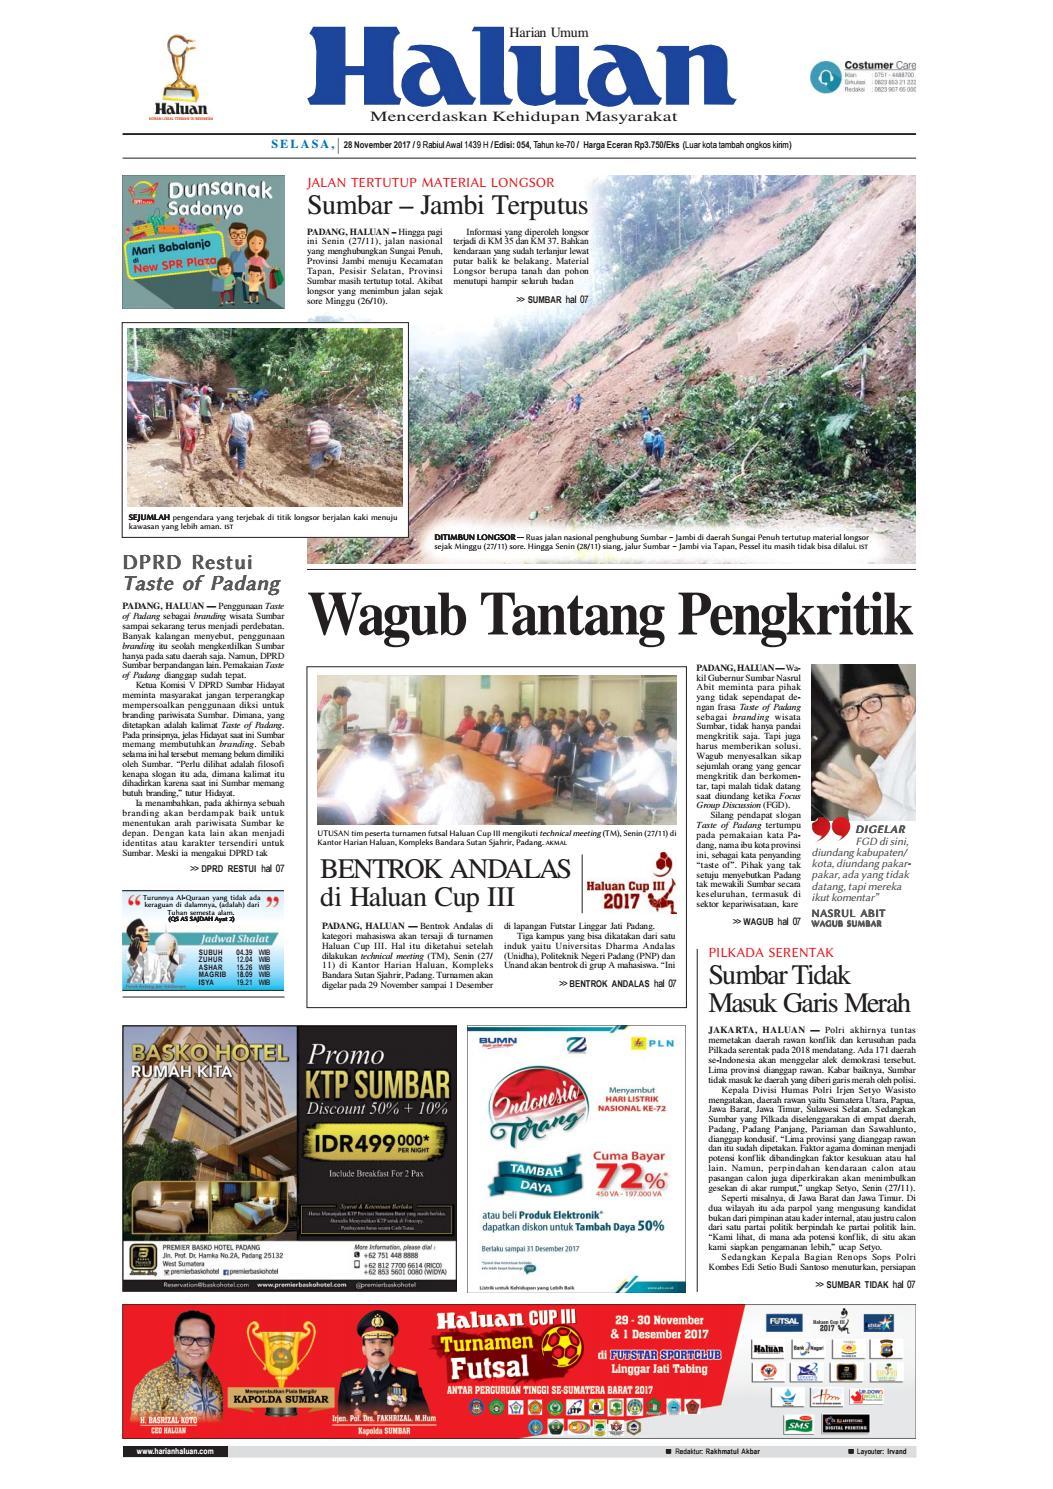 Haluan 28 November 2017 By Harian Issuu Produk Ukm Bumn Songket Durian